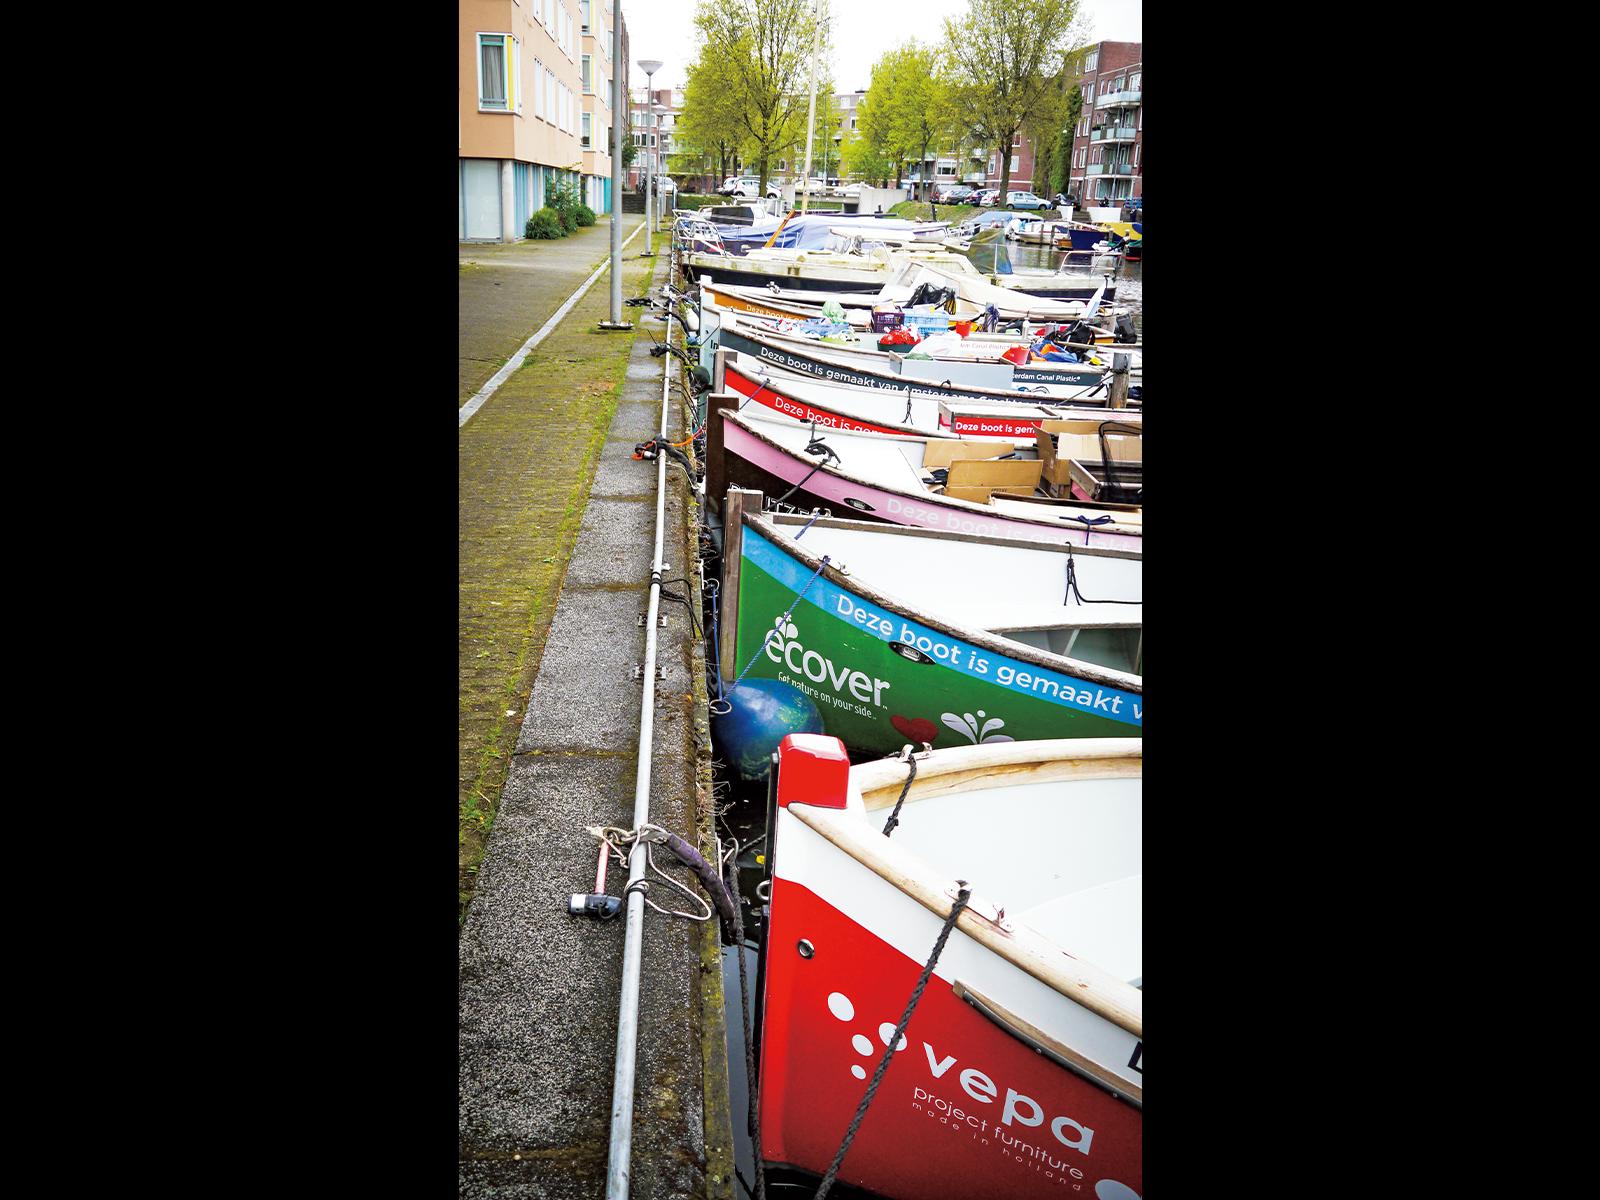 いろとりどりの『Plastic Whale』のボートが並ぶ。それぞれスポンサーがついており、企業の宣伝にもなっている。